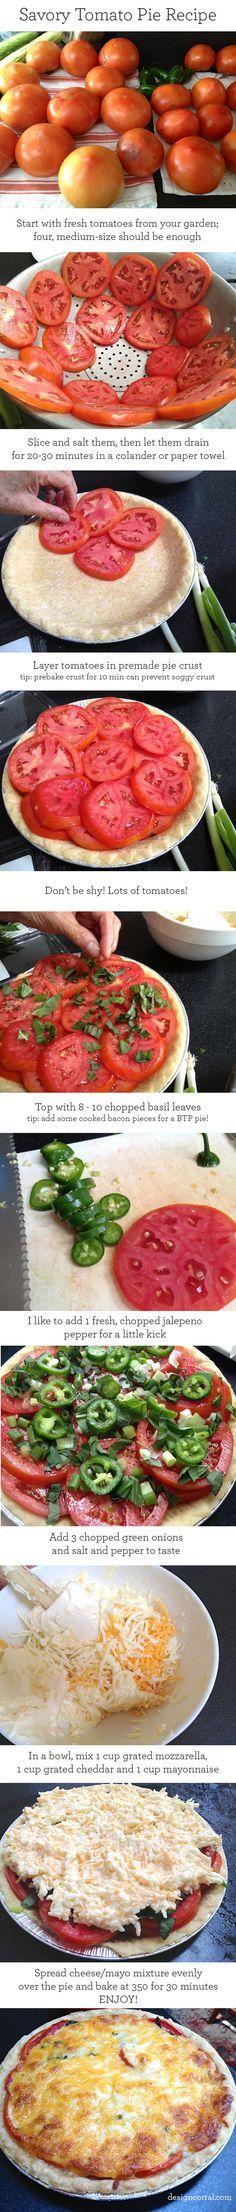 Savory Tomato Pie Recipe  designcorral.com Like or Repin please #tomato #tomatopie #pierecipes